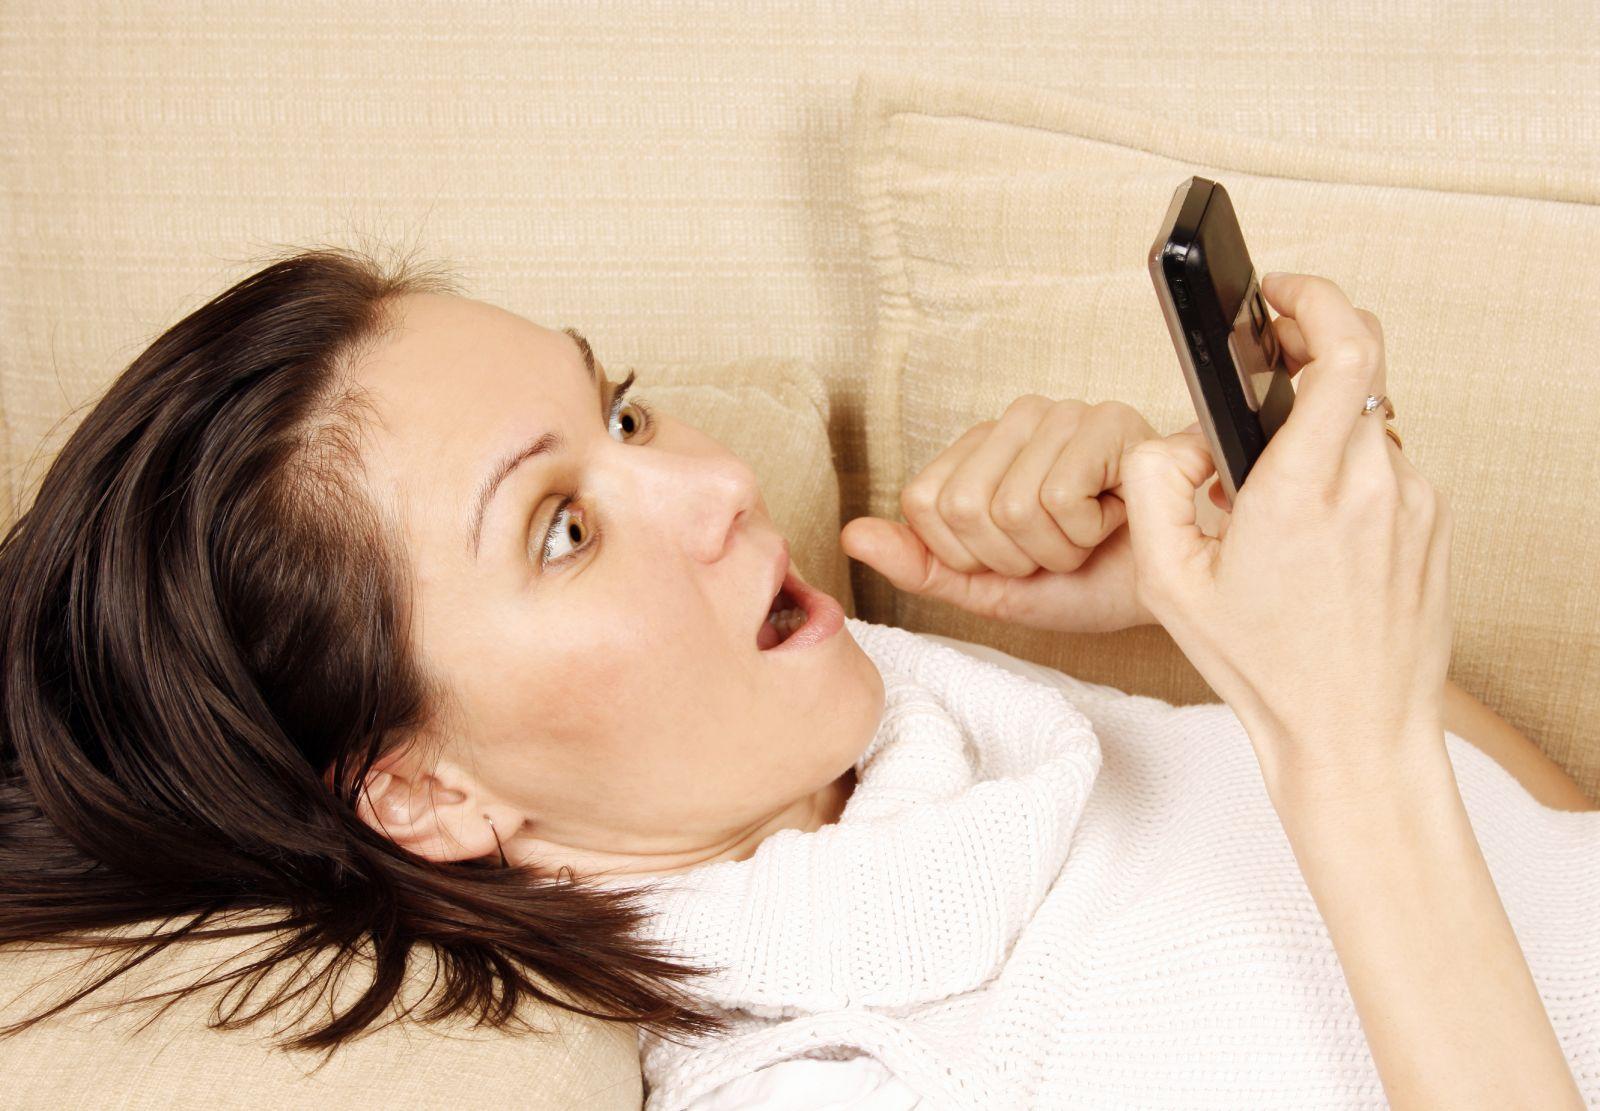 изменяет парню разговаривая с ним по телефону онлайн